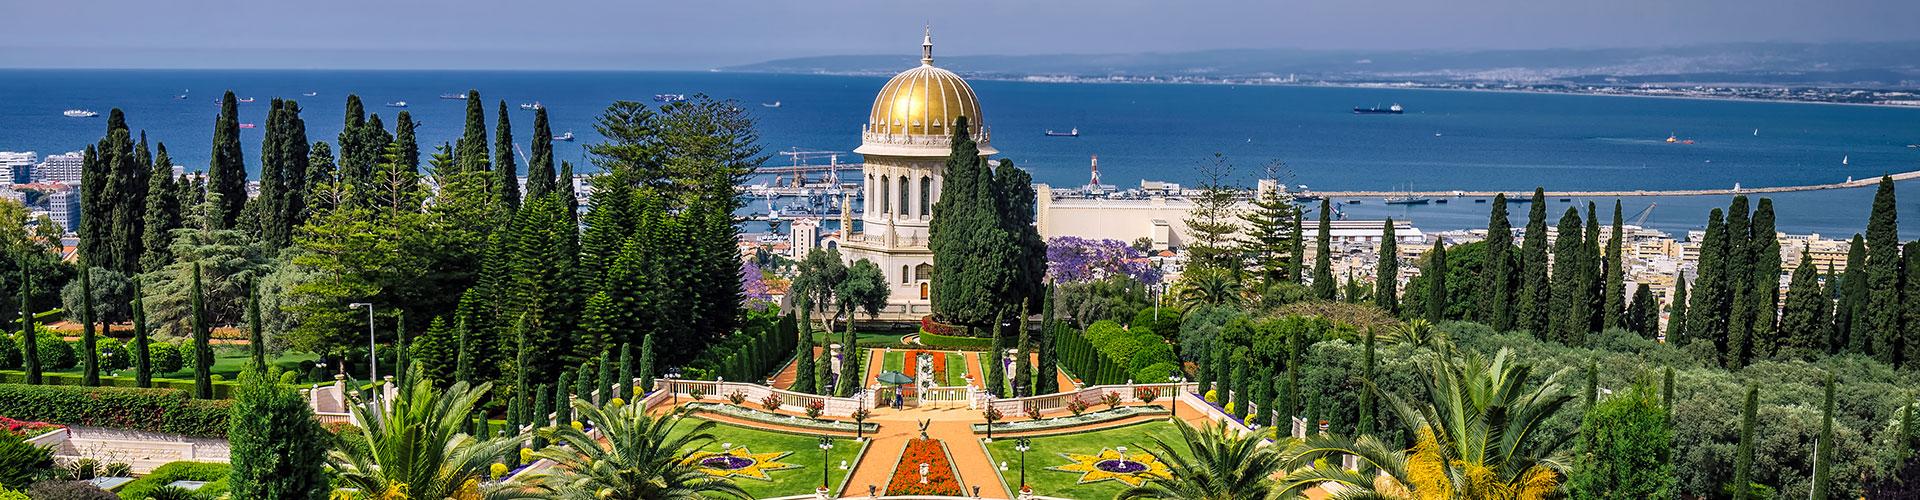 Séjour en hôtel à Haïfa & Césarée